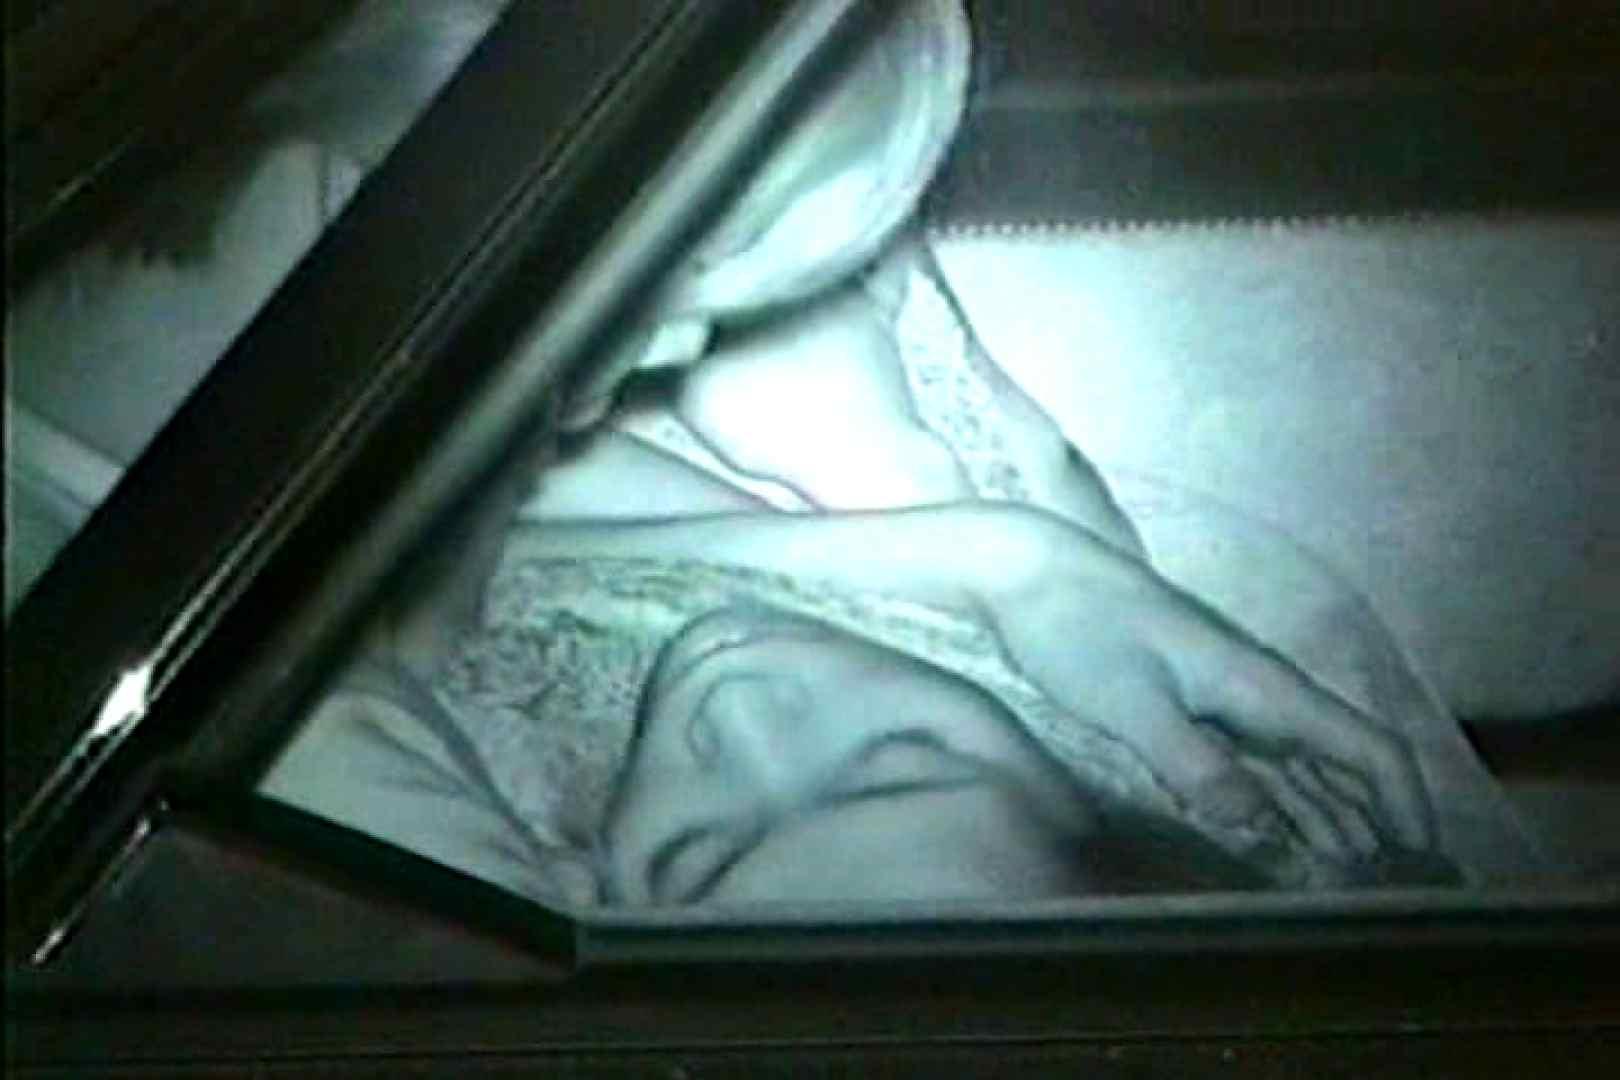 車の中はラブホテル 無修正版  Vol.6 名作 おまんこ動画流出 31連発 16